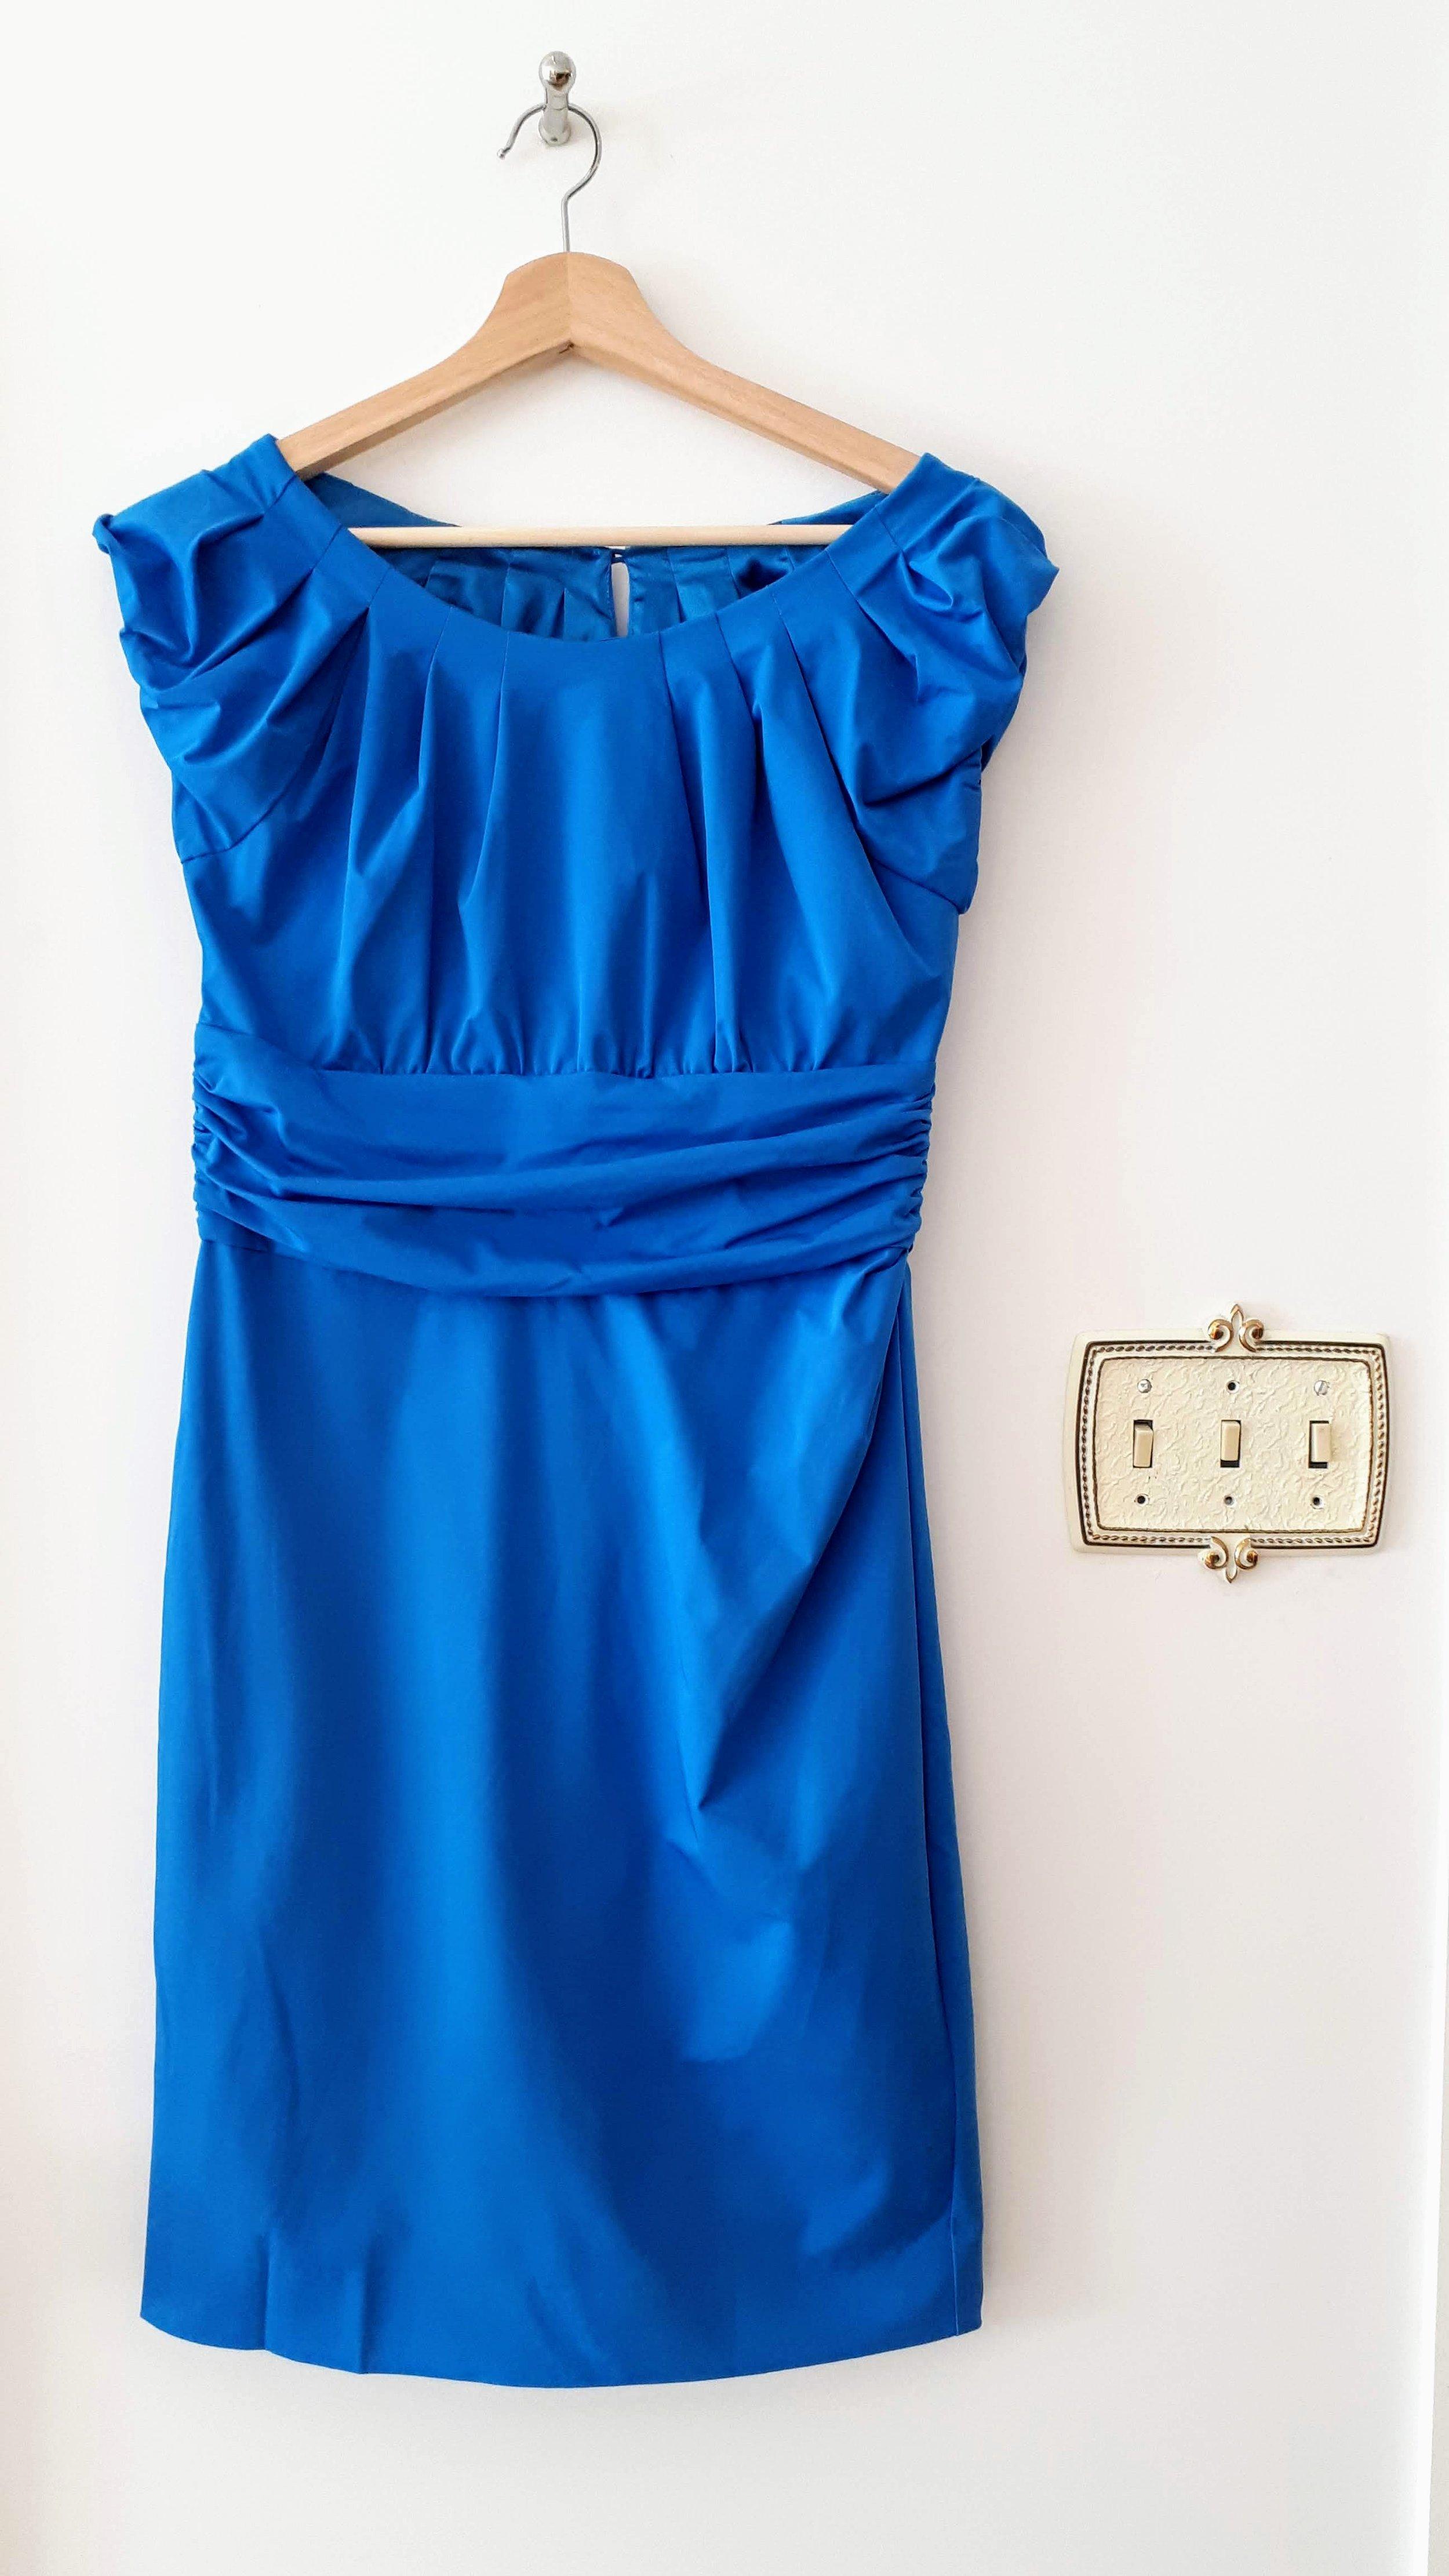 Diane von Furstenberg dress; Size S, $85